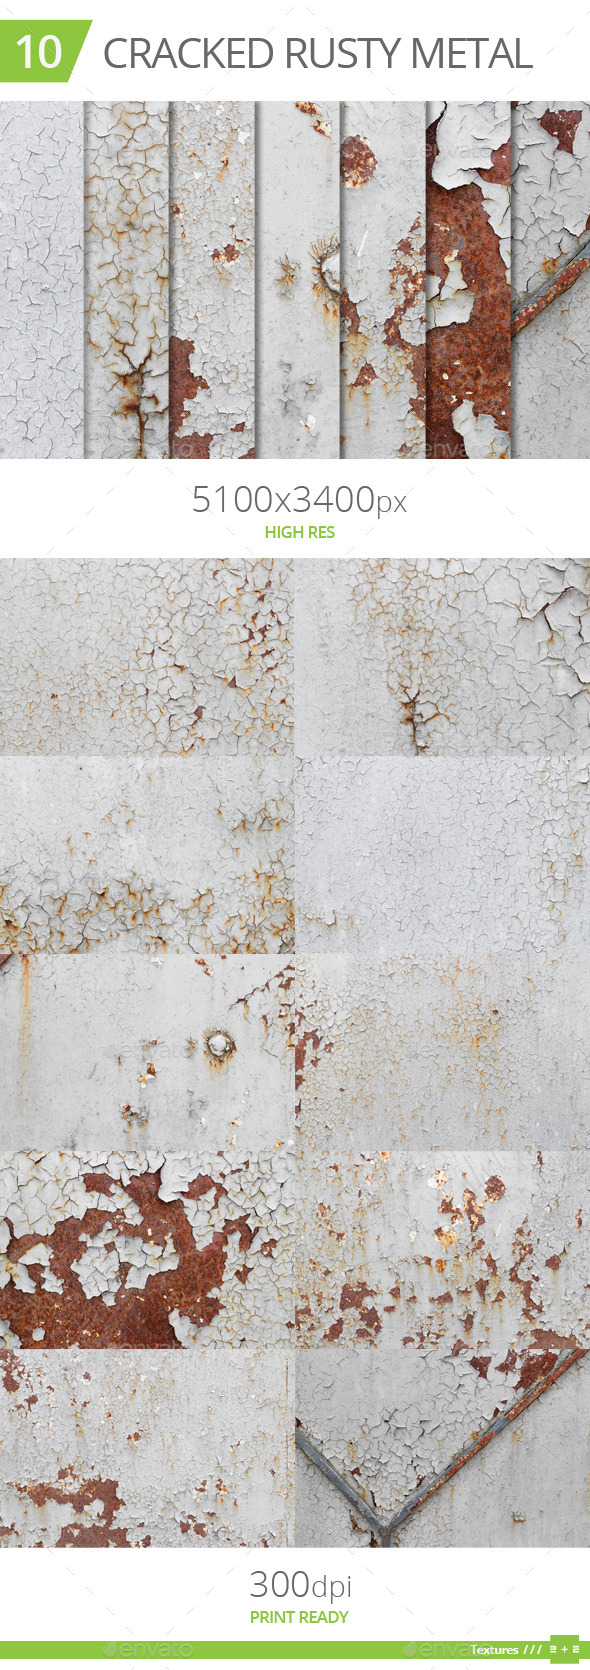 10 Cracked Rusty Metal Textures - Industrial / Grunge Textures